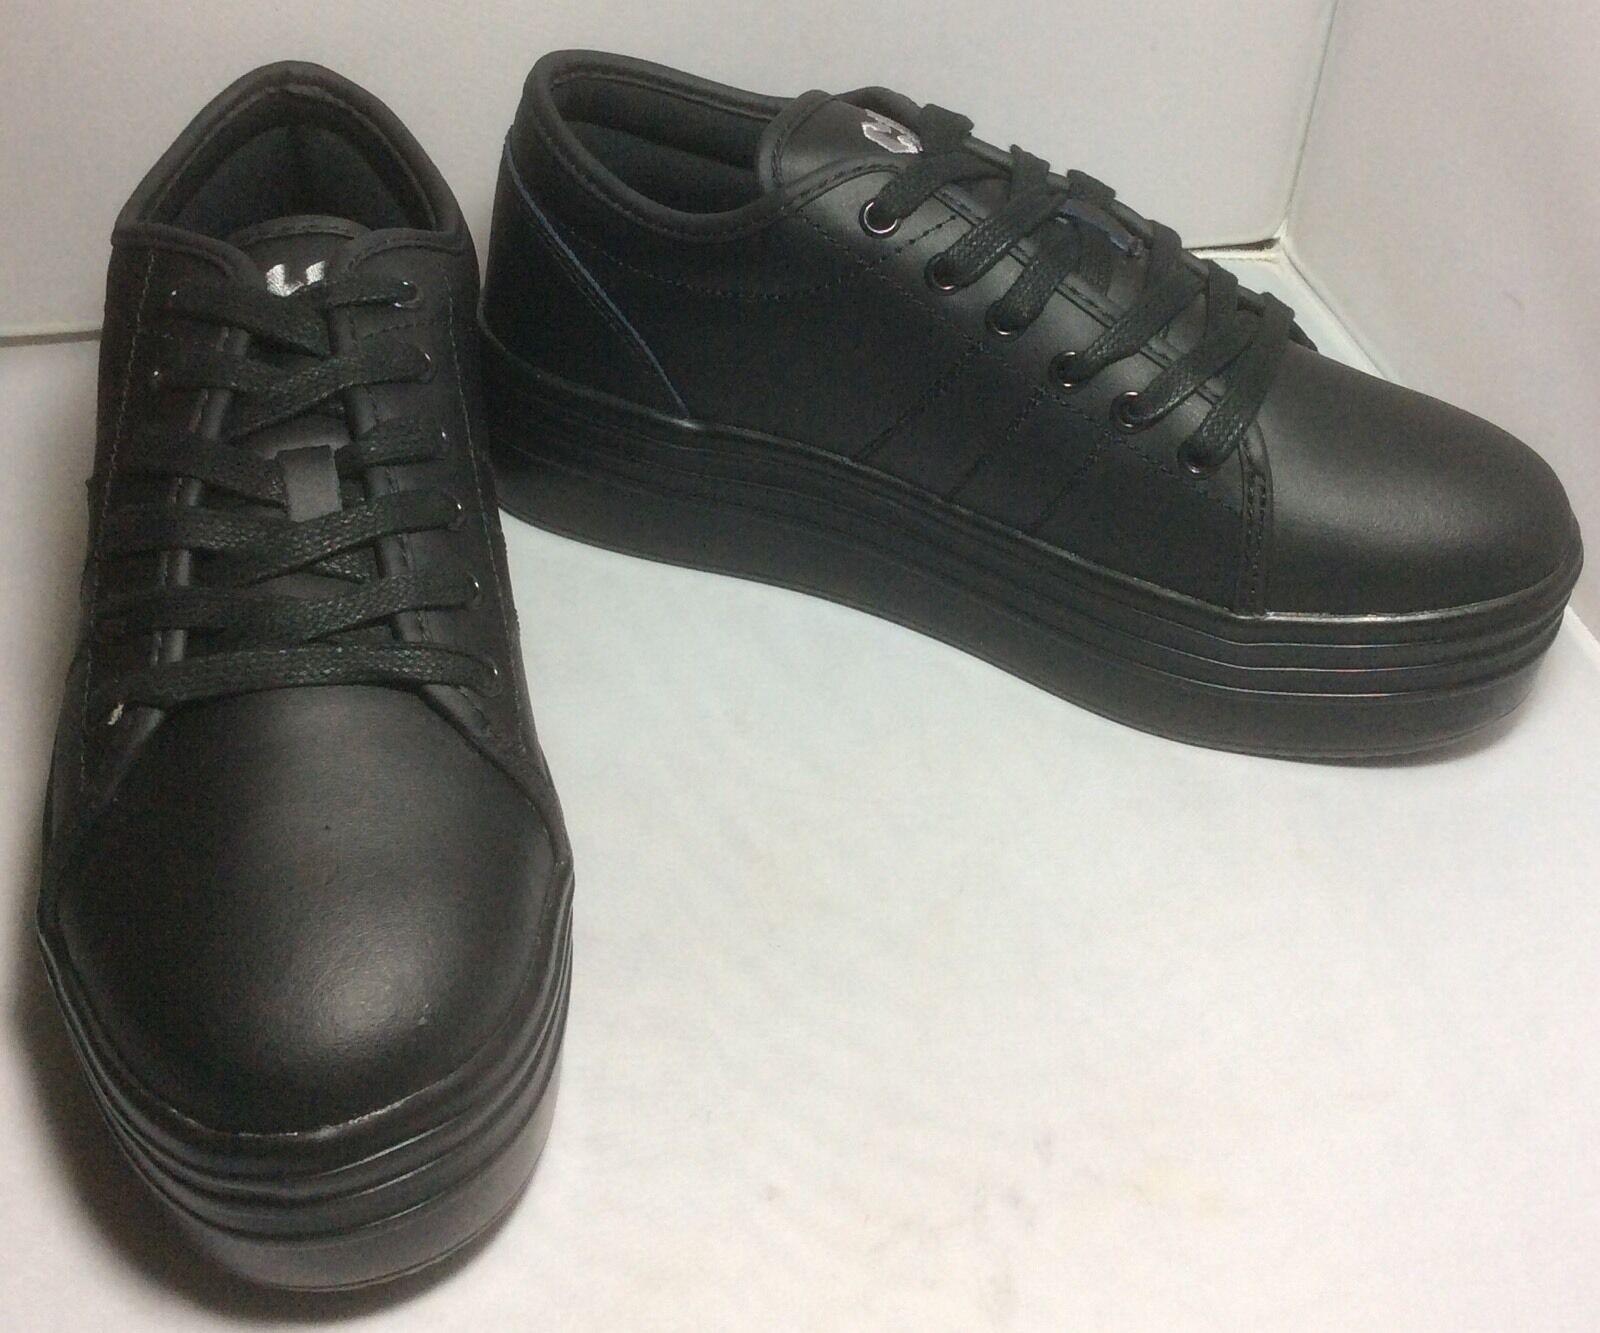 Nuevo Sin Caja Lindo a la plataforma plataforma plataforma central de Cuero Negro Zapatillas Tamaño 7.5  liquidación hasta el 70%